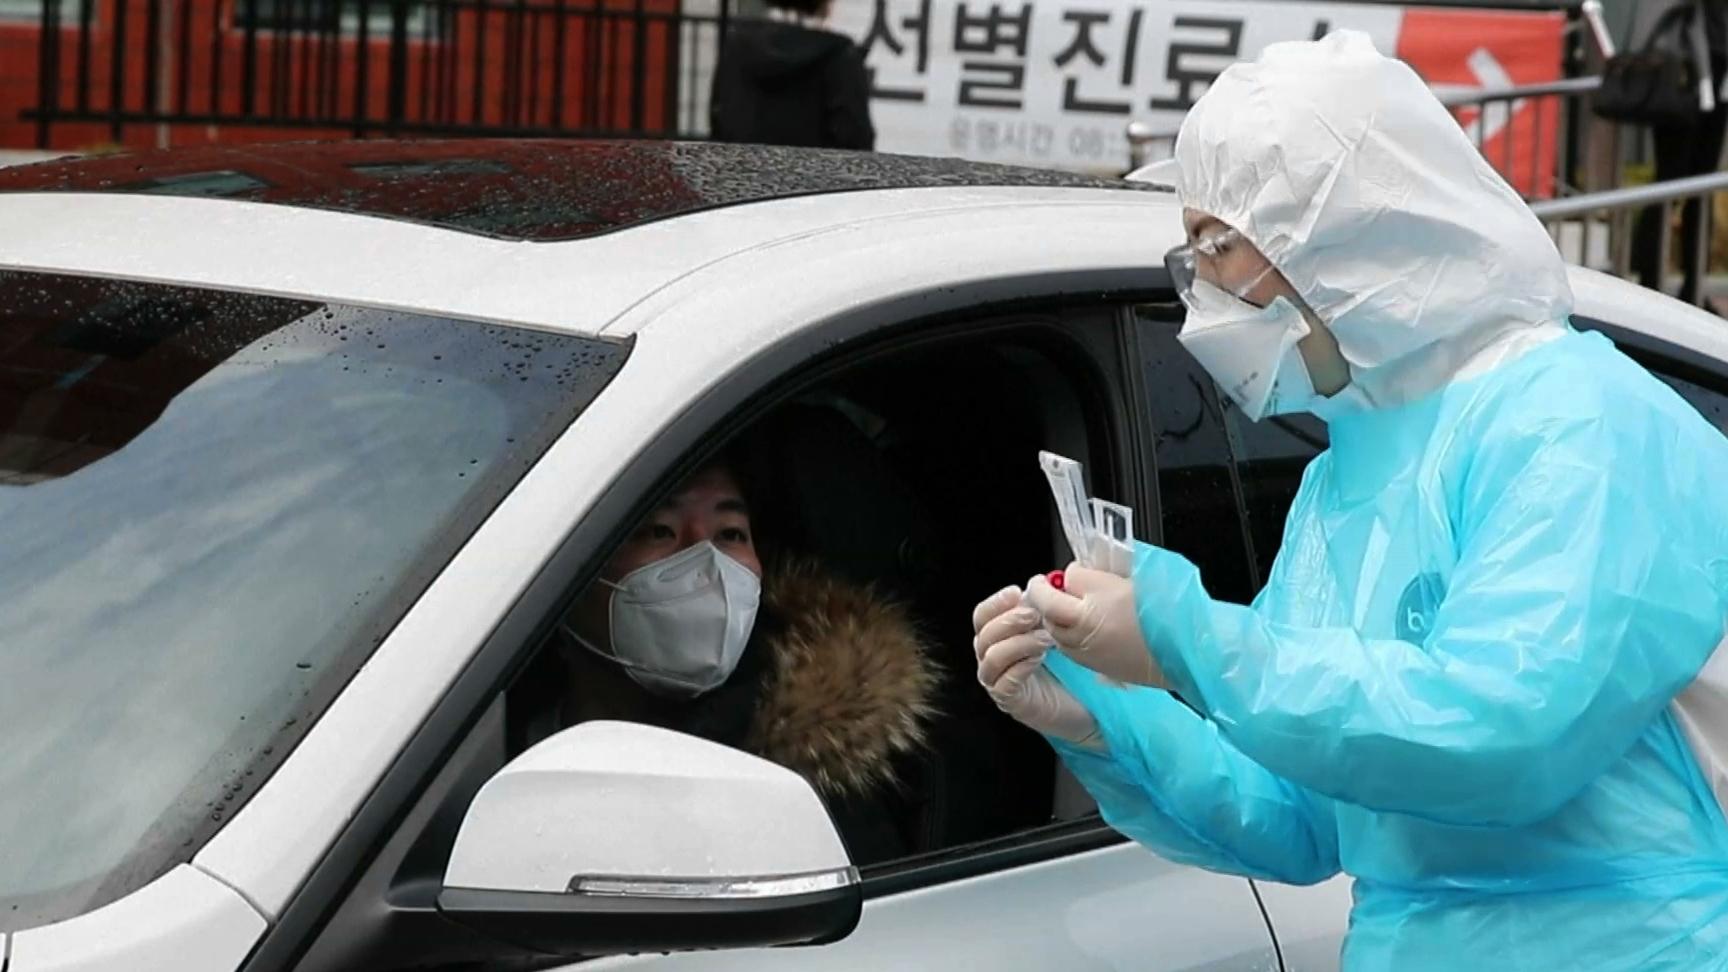 Korea Południowa ma nowe pomysły na walkę z rozprzestrzenianiem się SARS-CoV-2